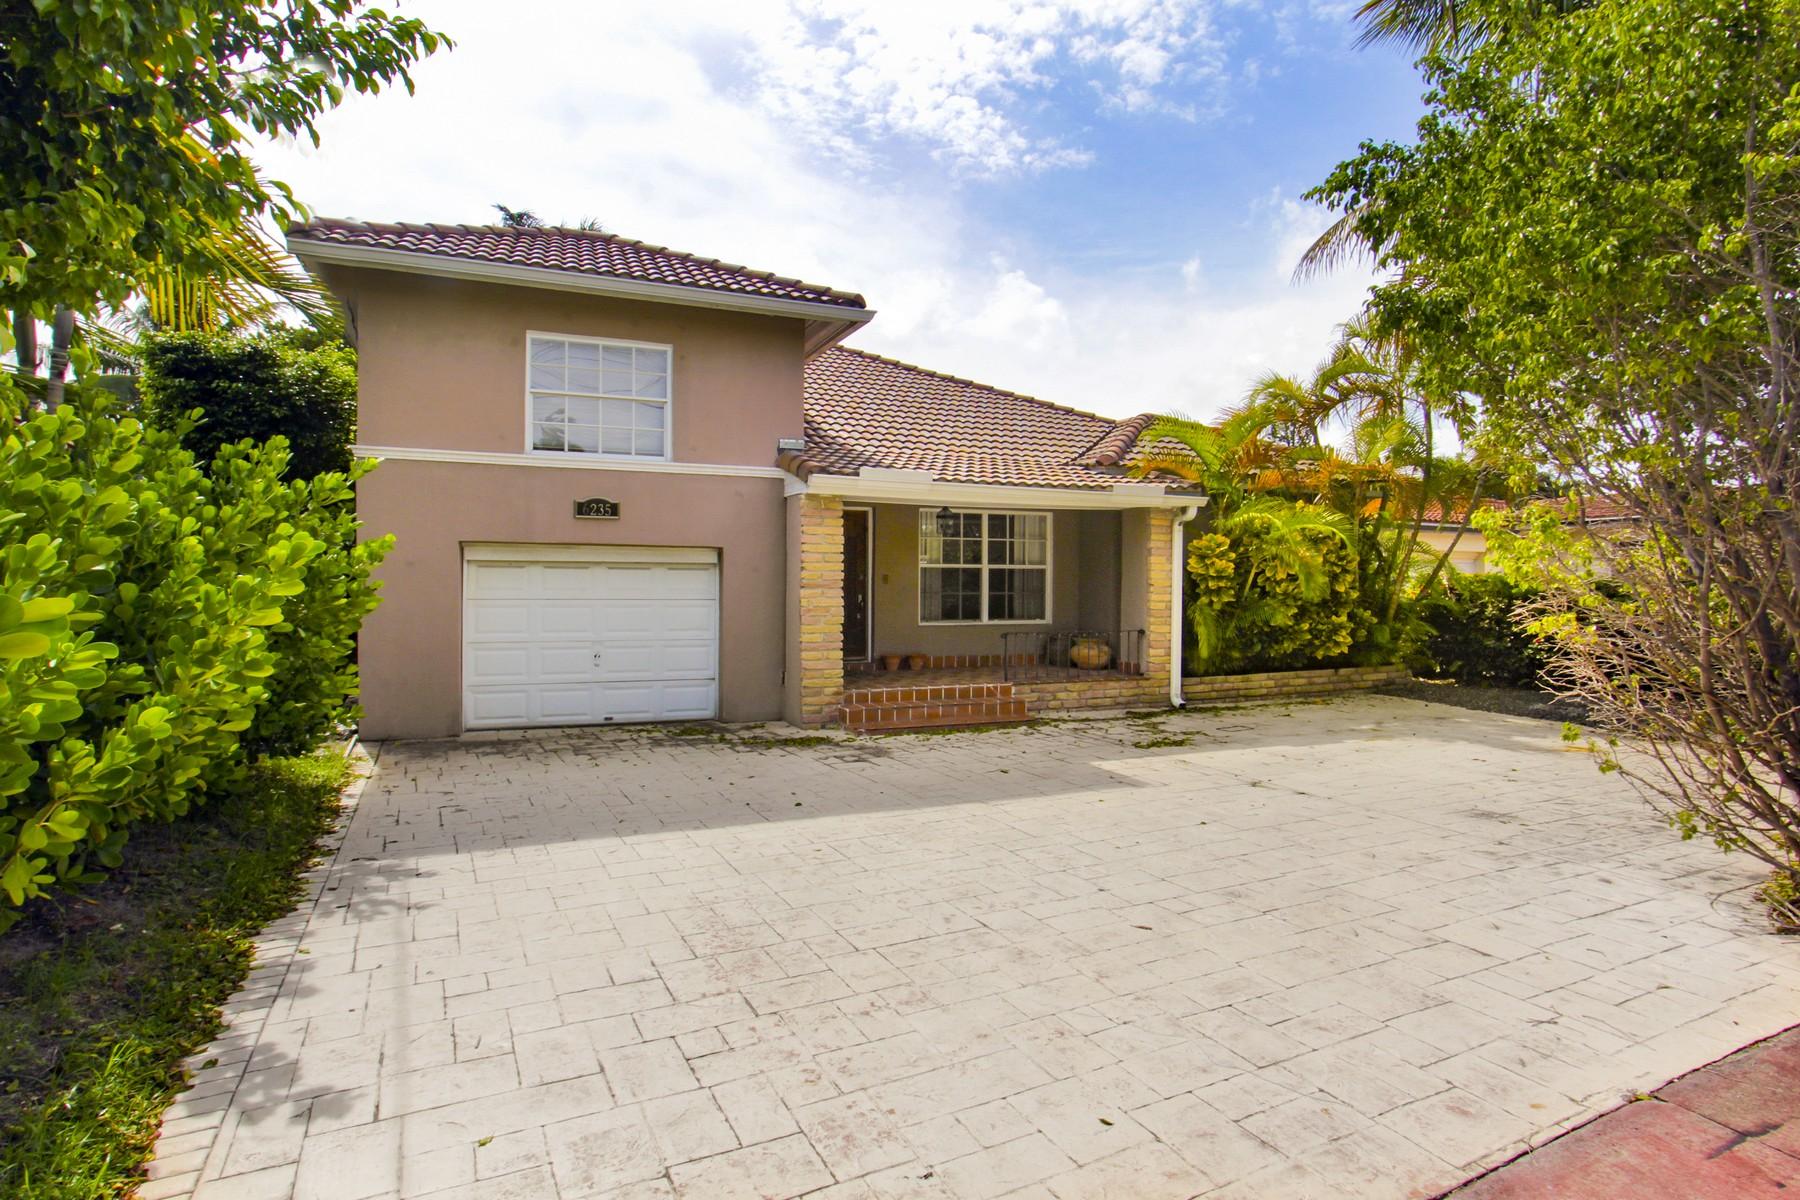 Villa per Vendita alle ore 6235 Alton Rd Miami Beach, Florida 33139 Stati Uniti